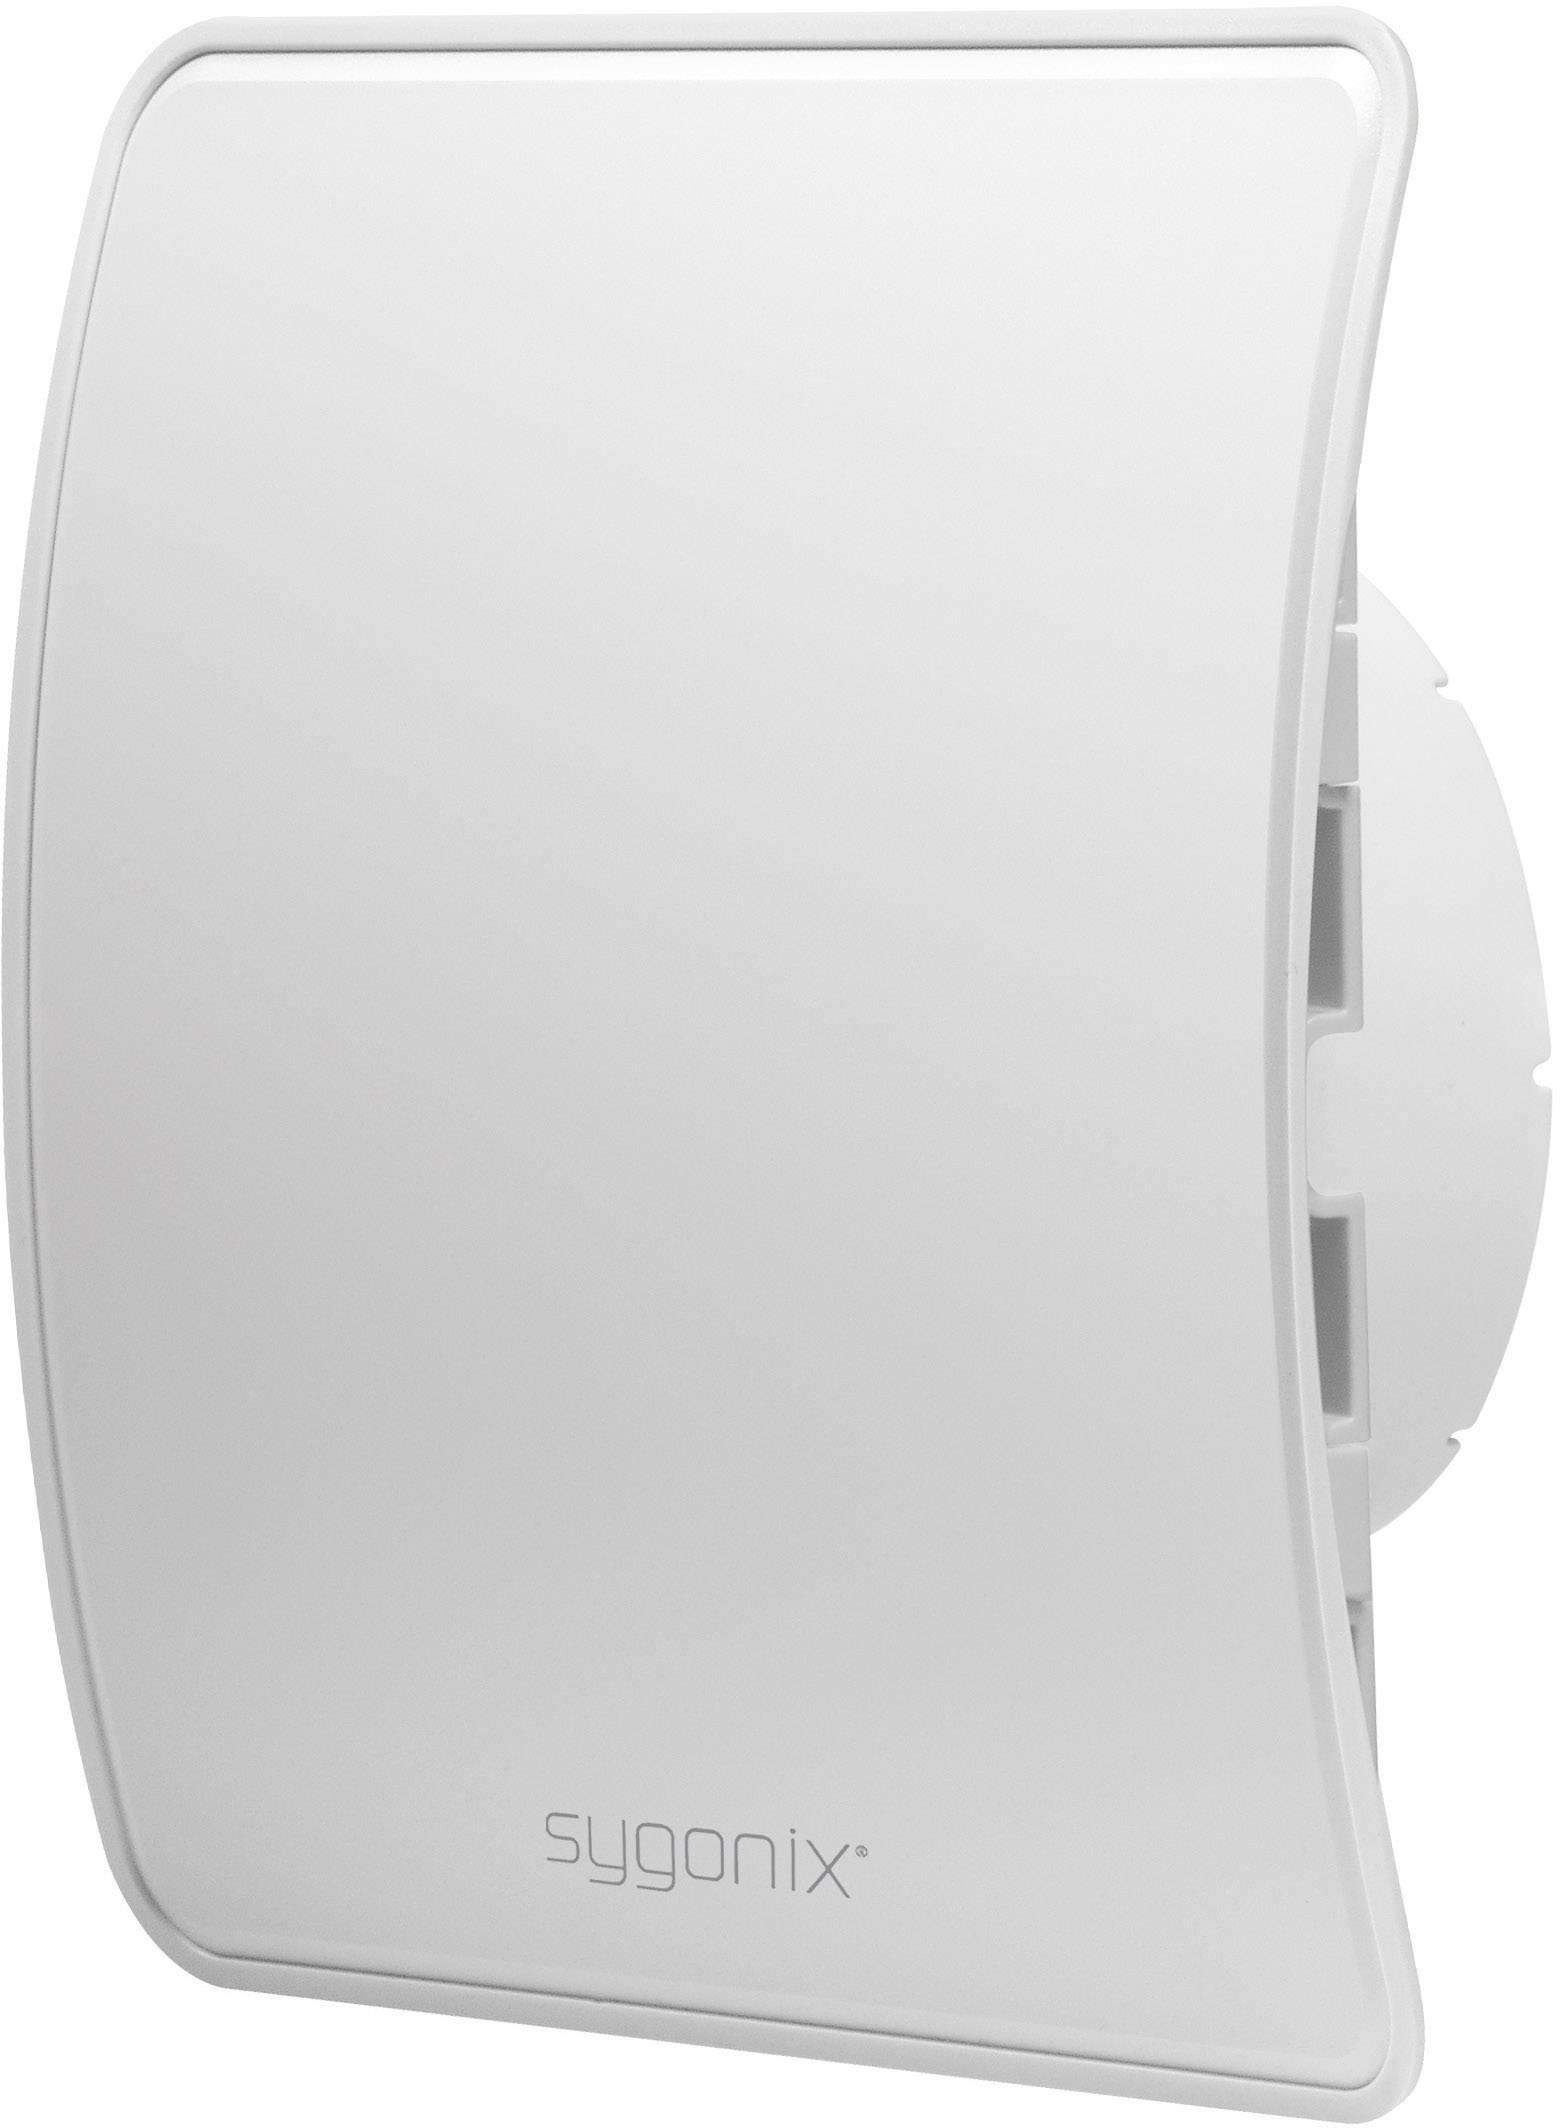 Kryt na trubkový ventilátor Sygonix, 100 mm, bílá